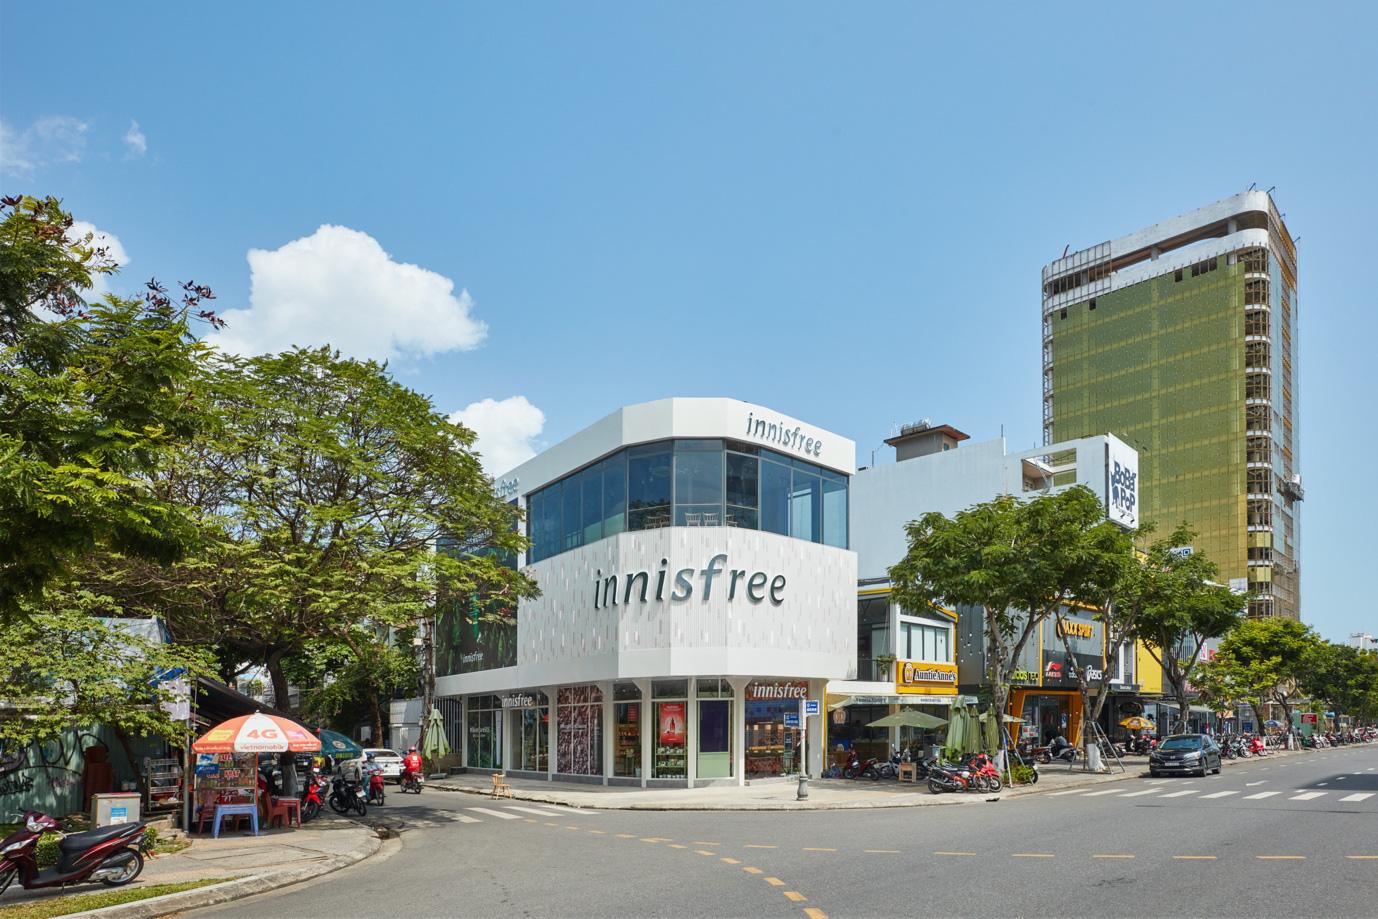 """Mở rộng chuỗi cửa hàng thân thiện với môi trường, innisfree khai trương """"điểm dừng chân xanh"""" đầu tiên tại Đà Nẵng - Ảnh 1."""